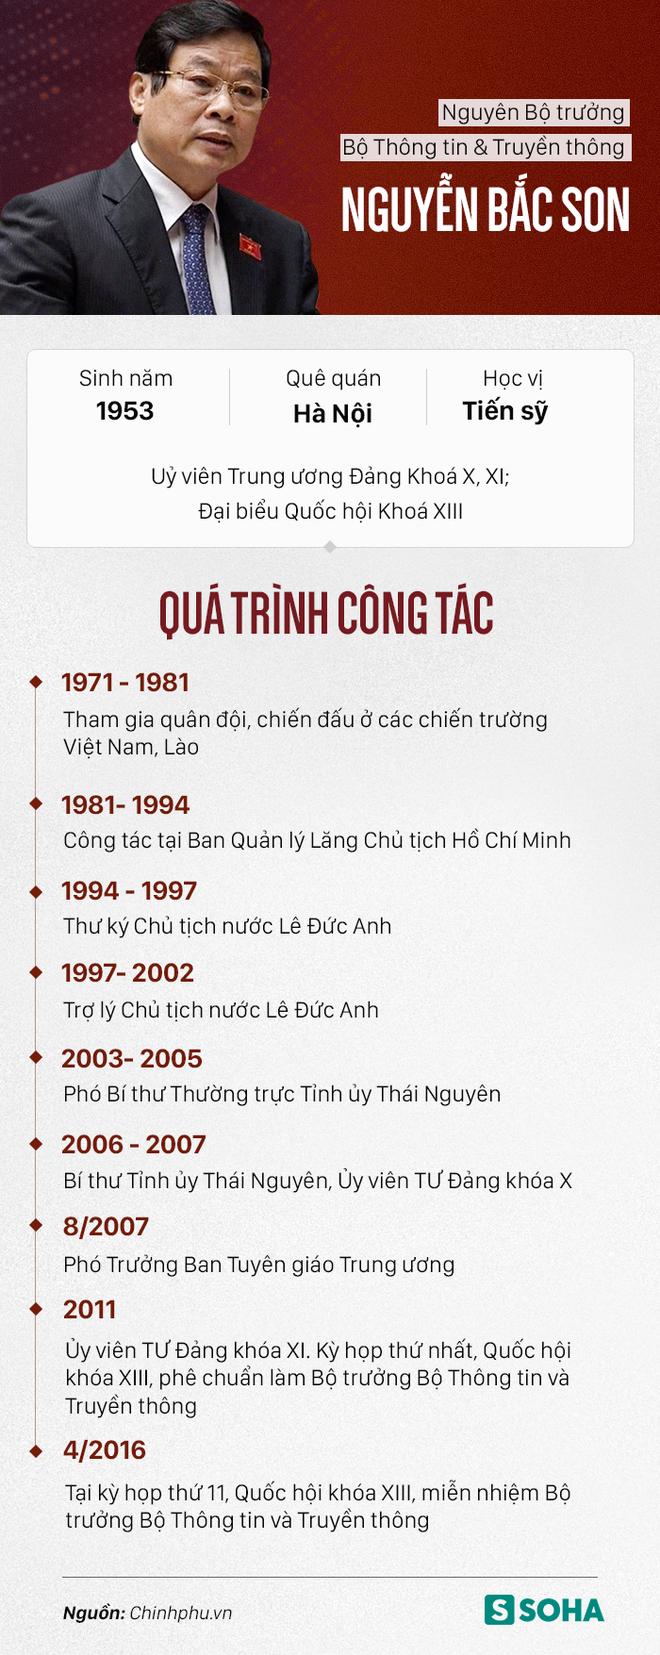 Cách chức Ủy viên Trung ương Đảng khóa XI đối với ông Nguyễn Bắc Son 2